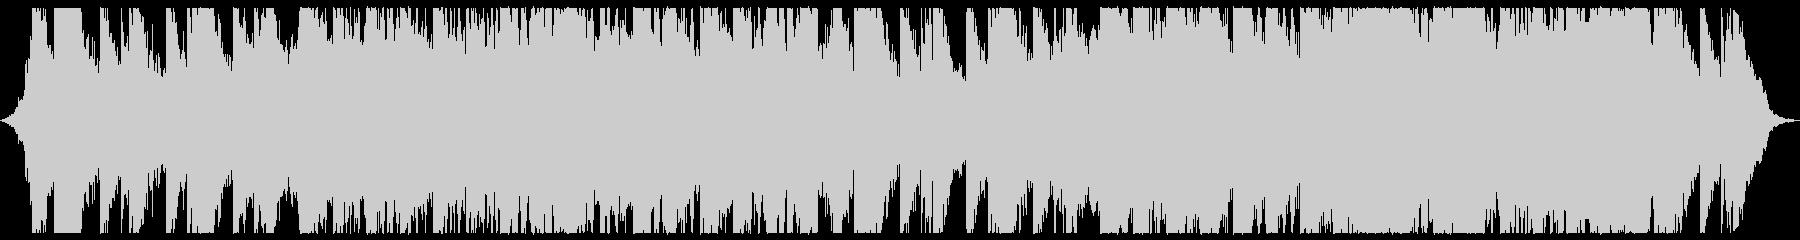 ラウンジ まったり 実験的な アン...の未再生の波形